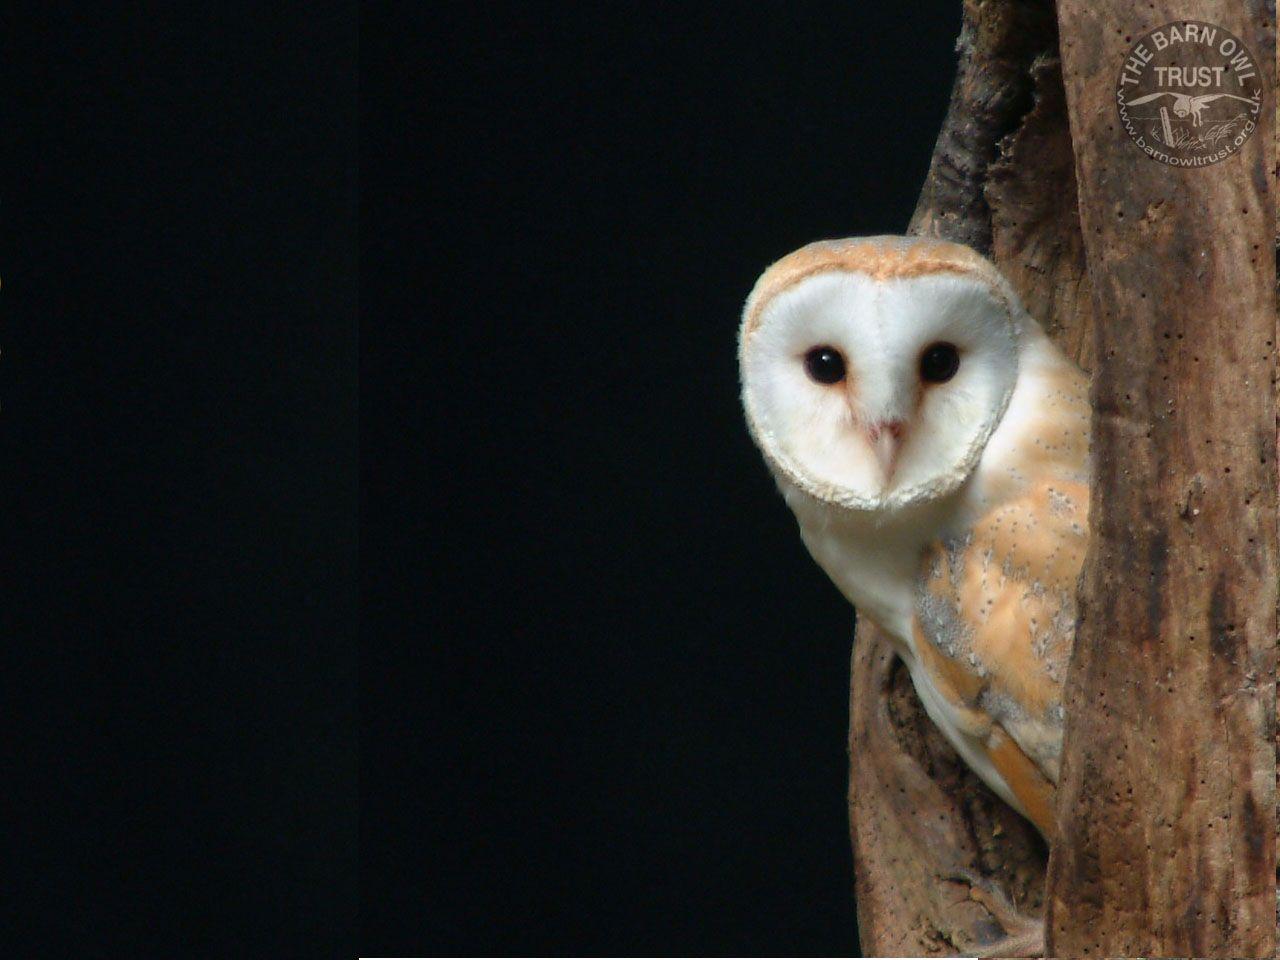 World Animal Beauti And Funny: Barn Owl